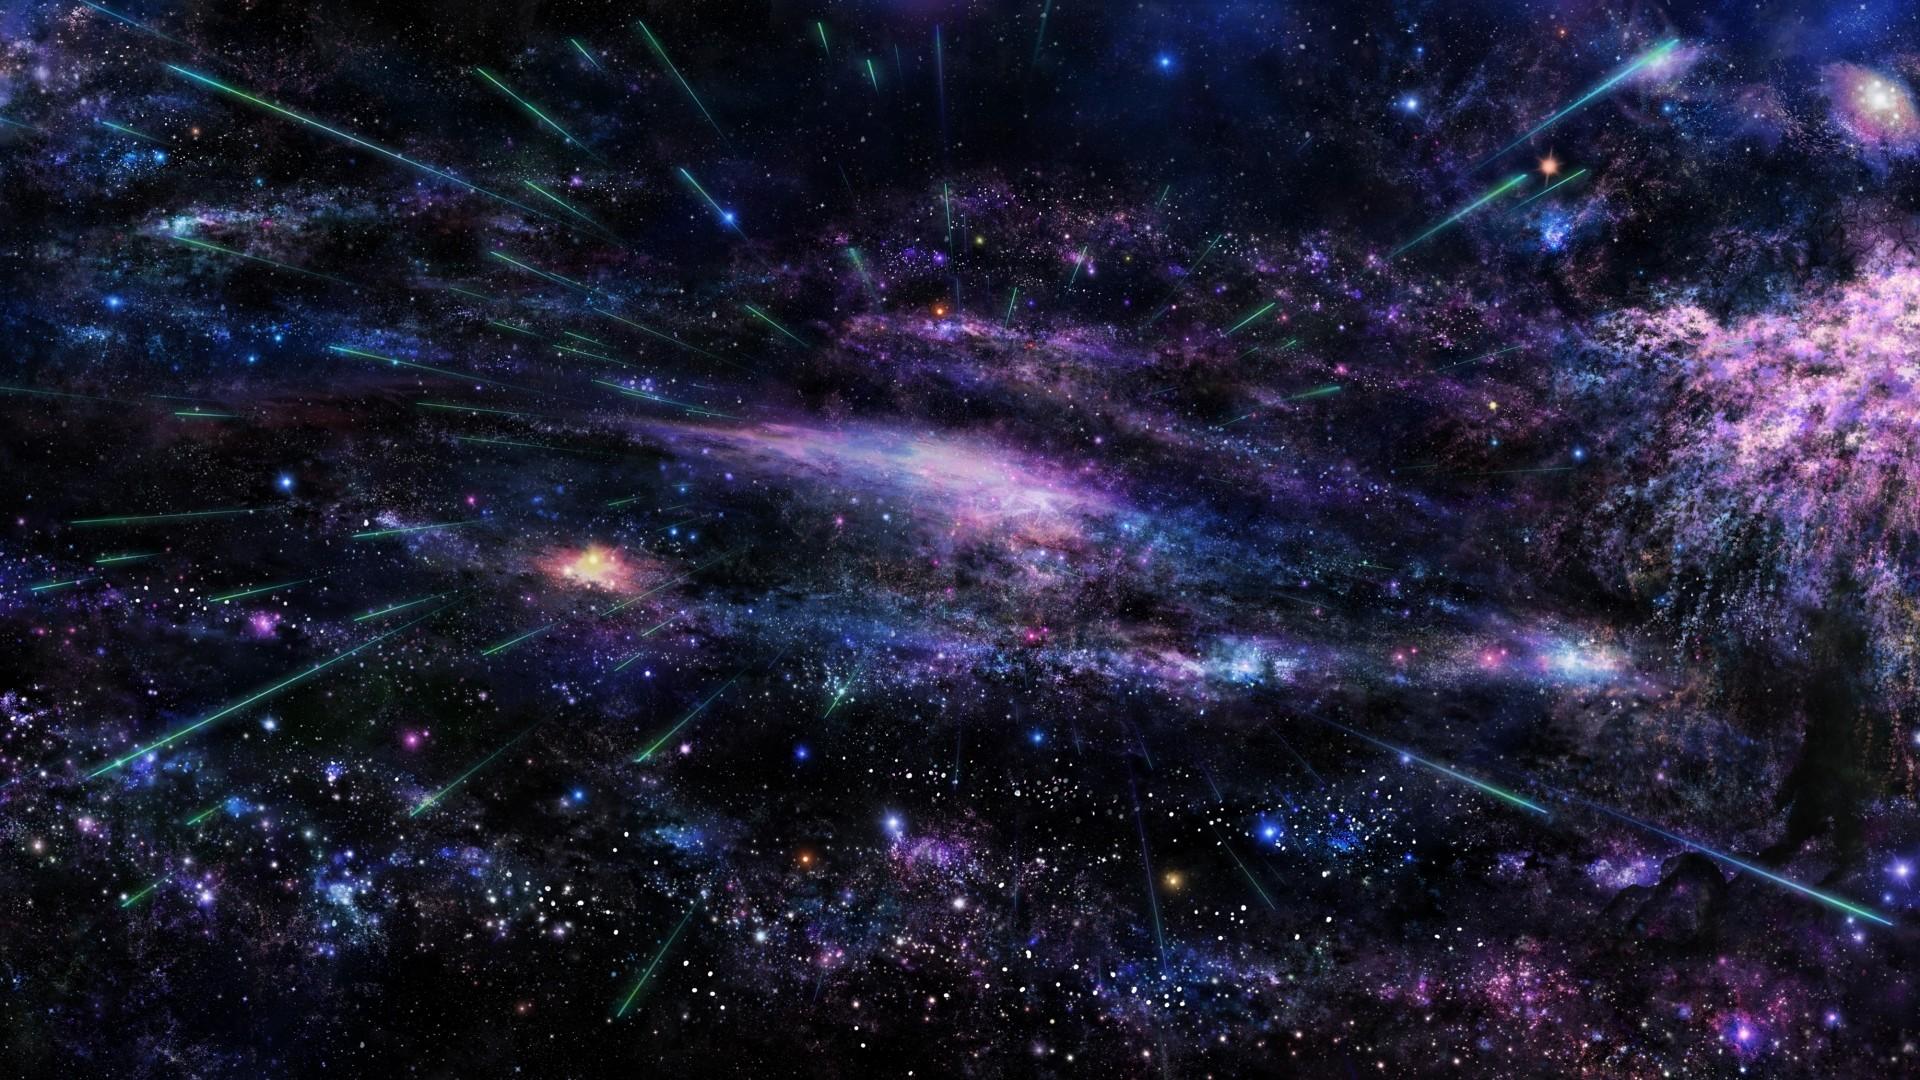 universe, violet blue cluster of stars